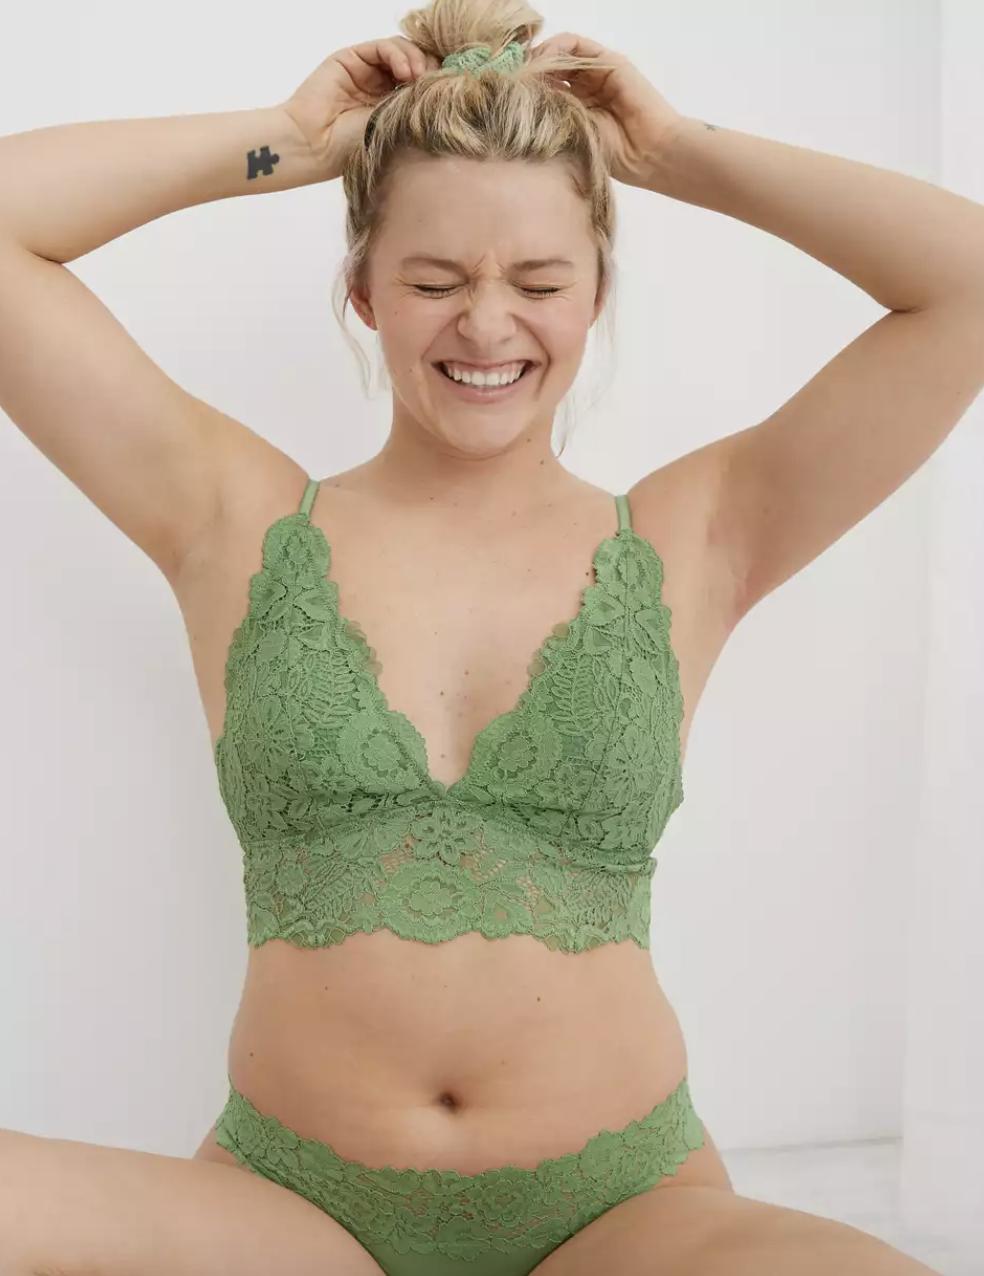 model wearing green lace bralette